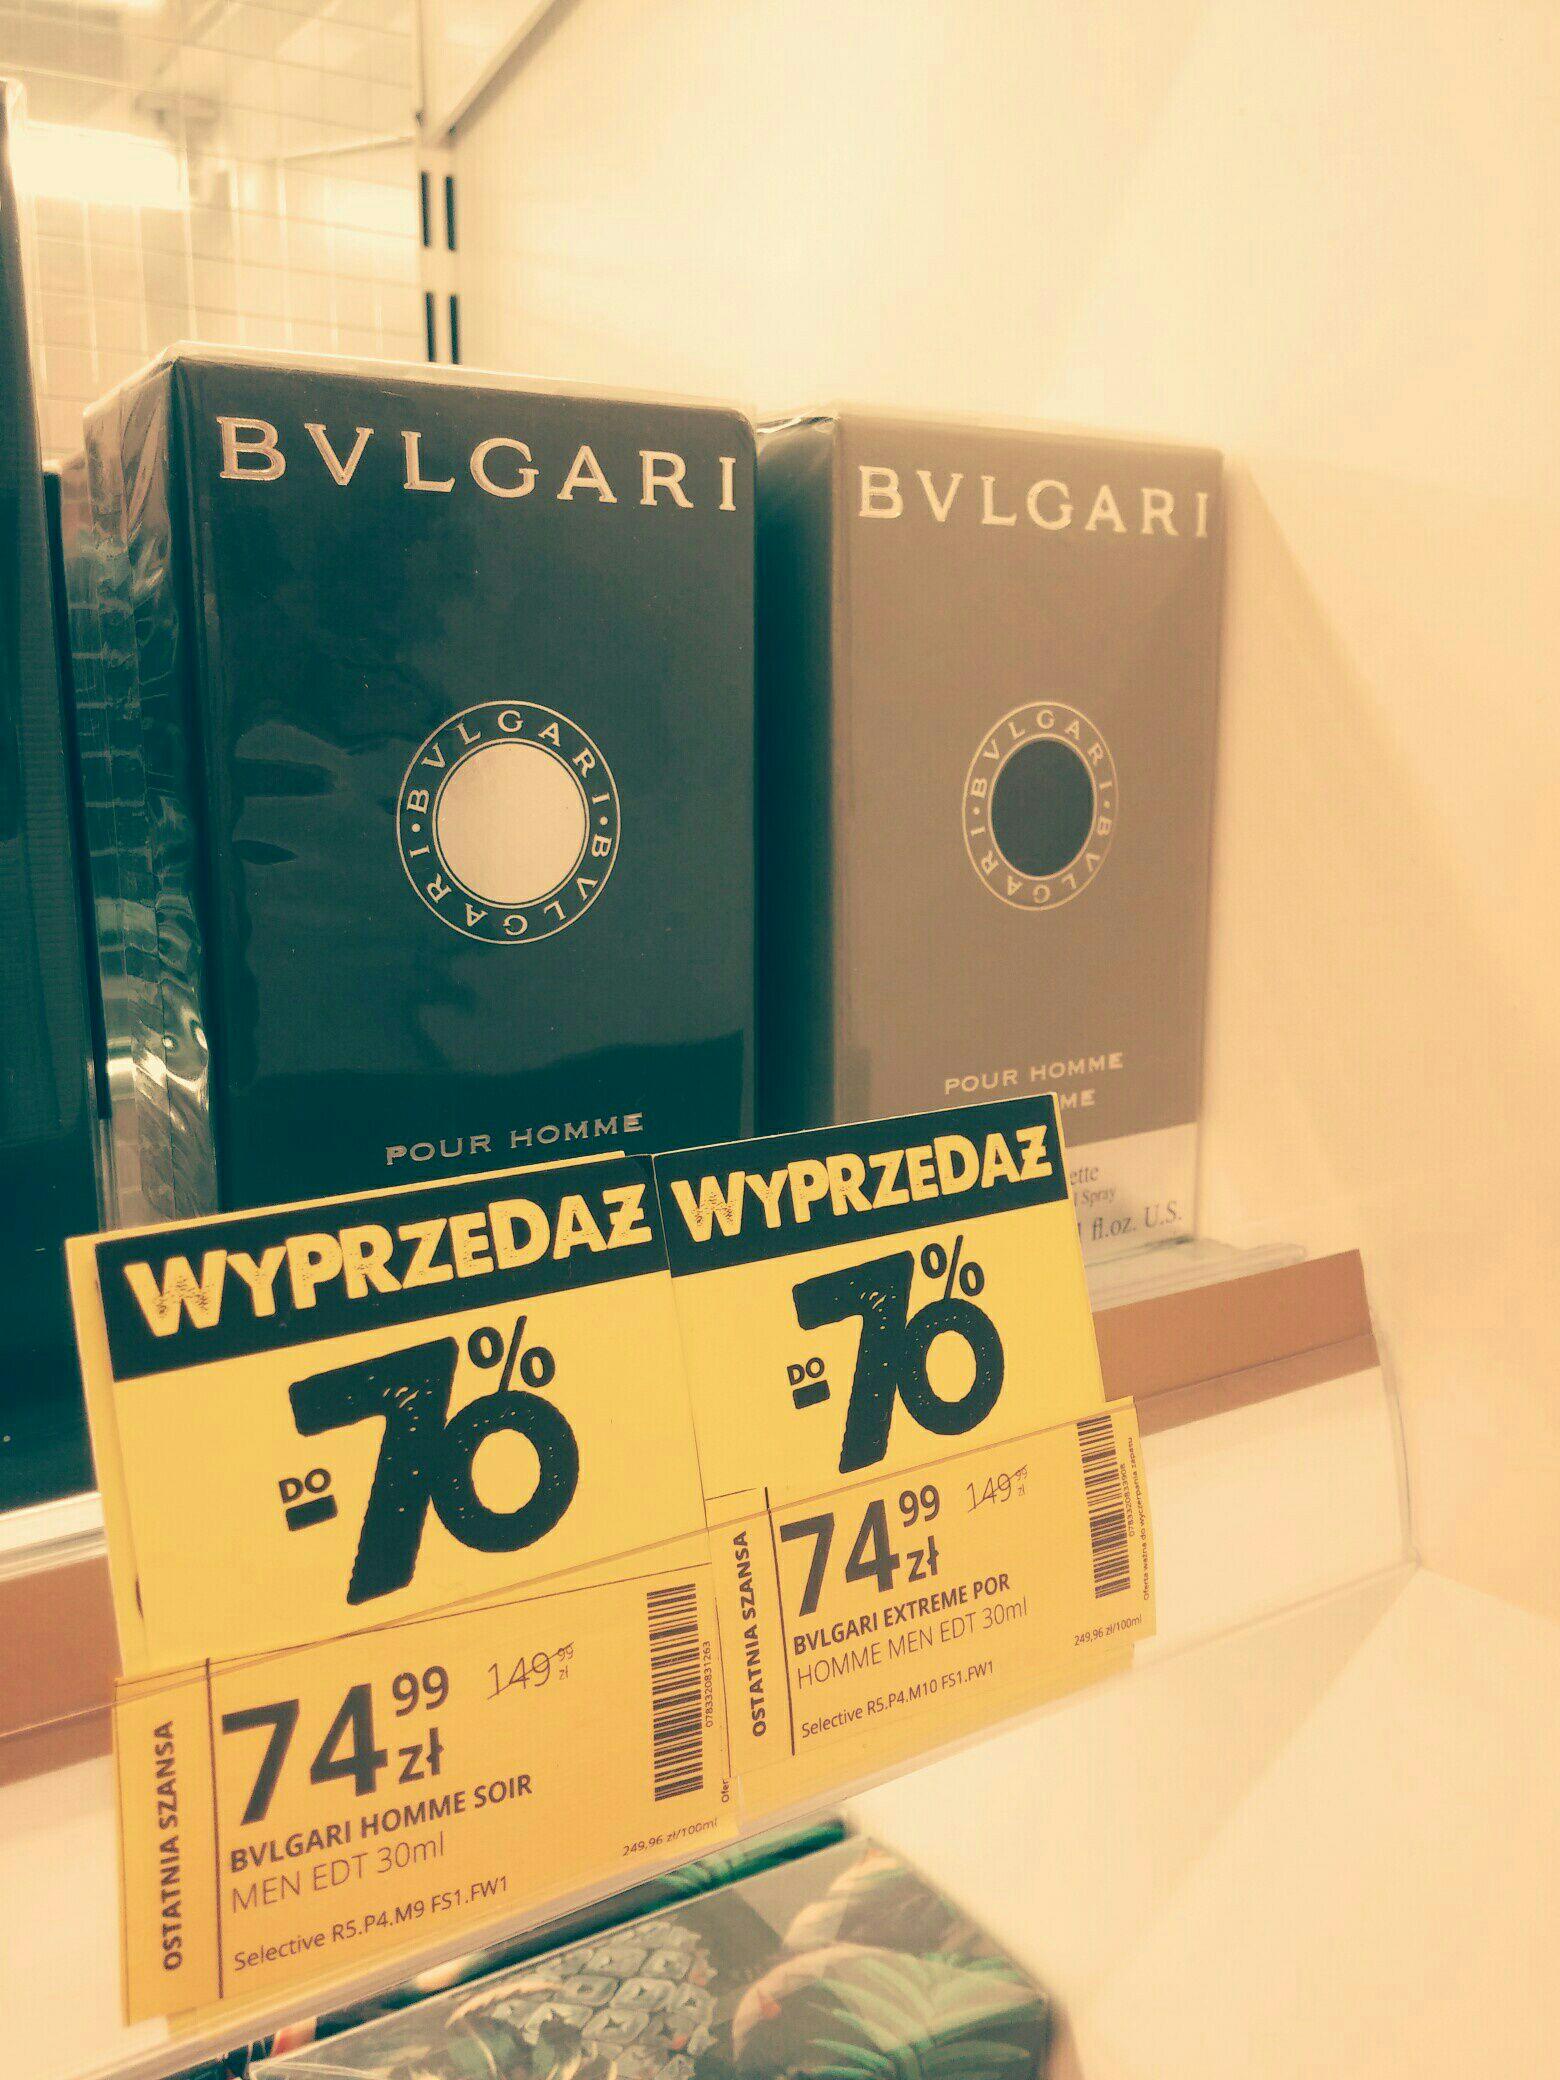 BVLGARI (MEN EDT 30ML): wody toaletowe Extreme i Soir  @Hebe